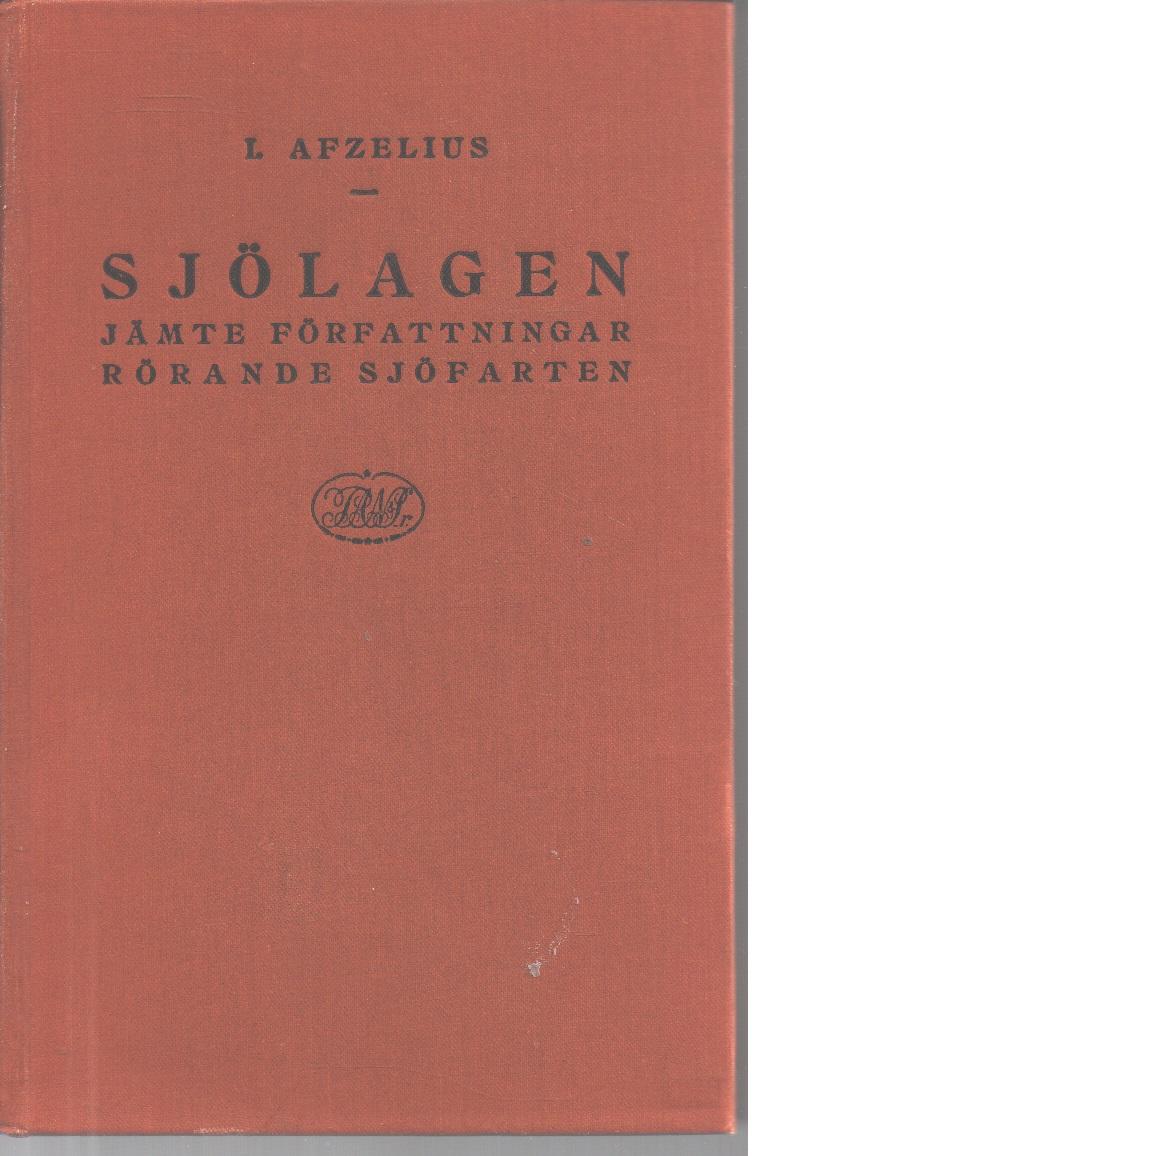 Sjölagen jämte viktigare författningar rörande sjöfarten - Afzelius, Ivar